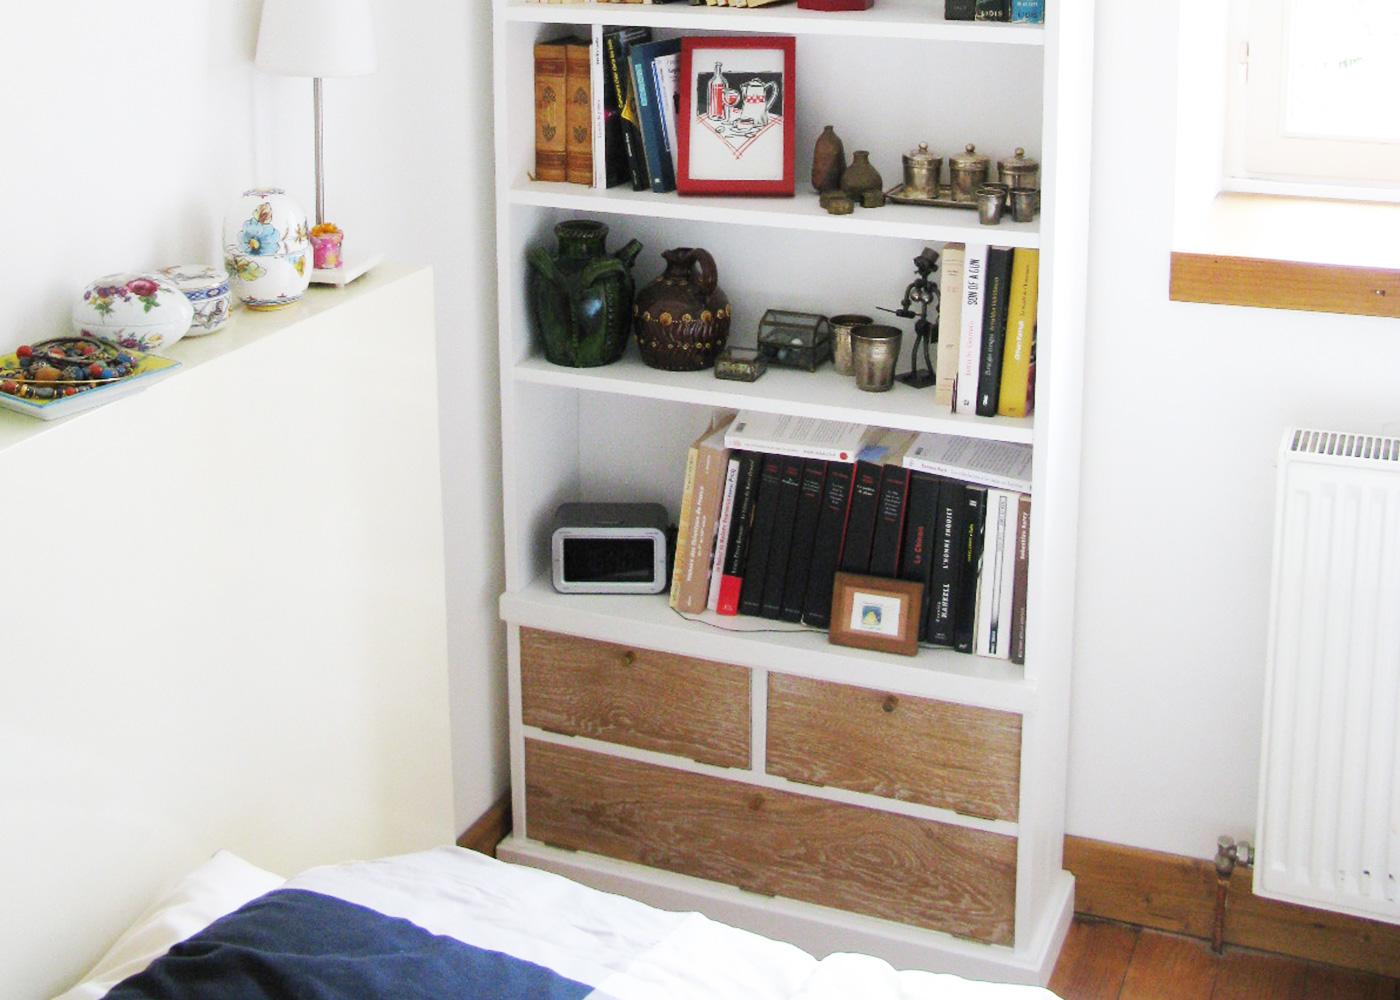 Petite bibliothèque en 3 plis épicéa, Finition laque blanc satiné, Abattants en chêne massif cérusé